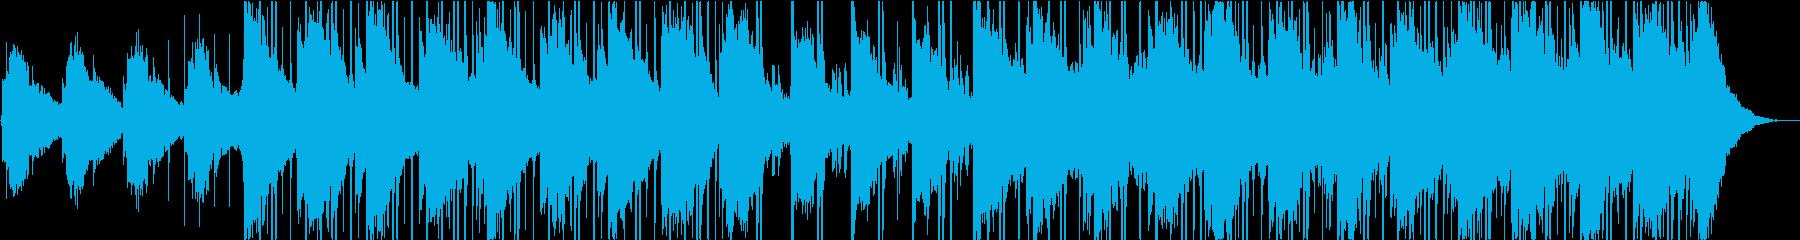 ラウンジ、リラックス、チルアウトの再生済みの波形